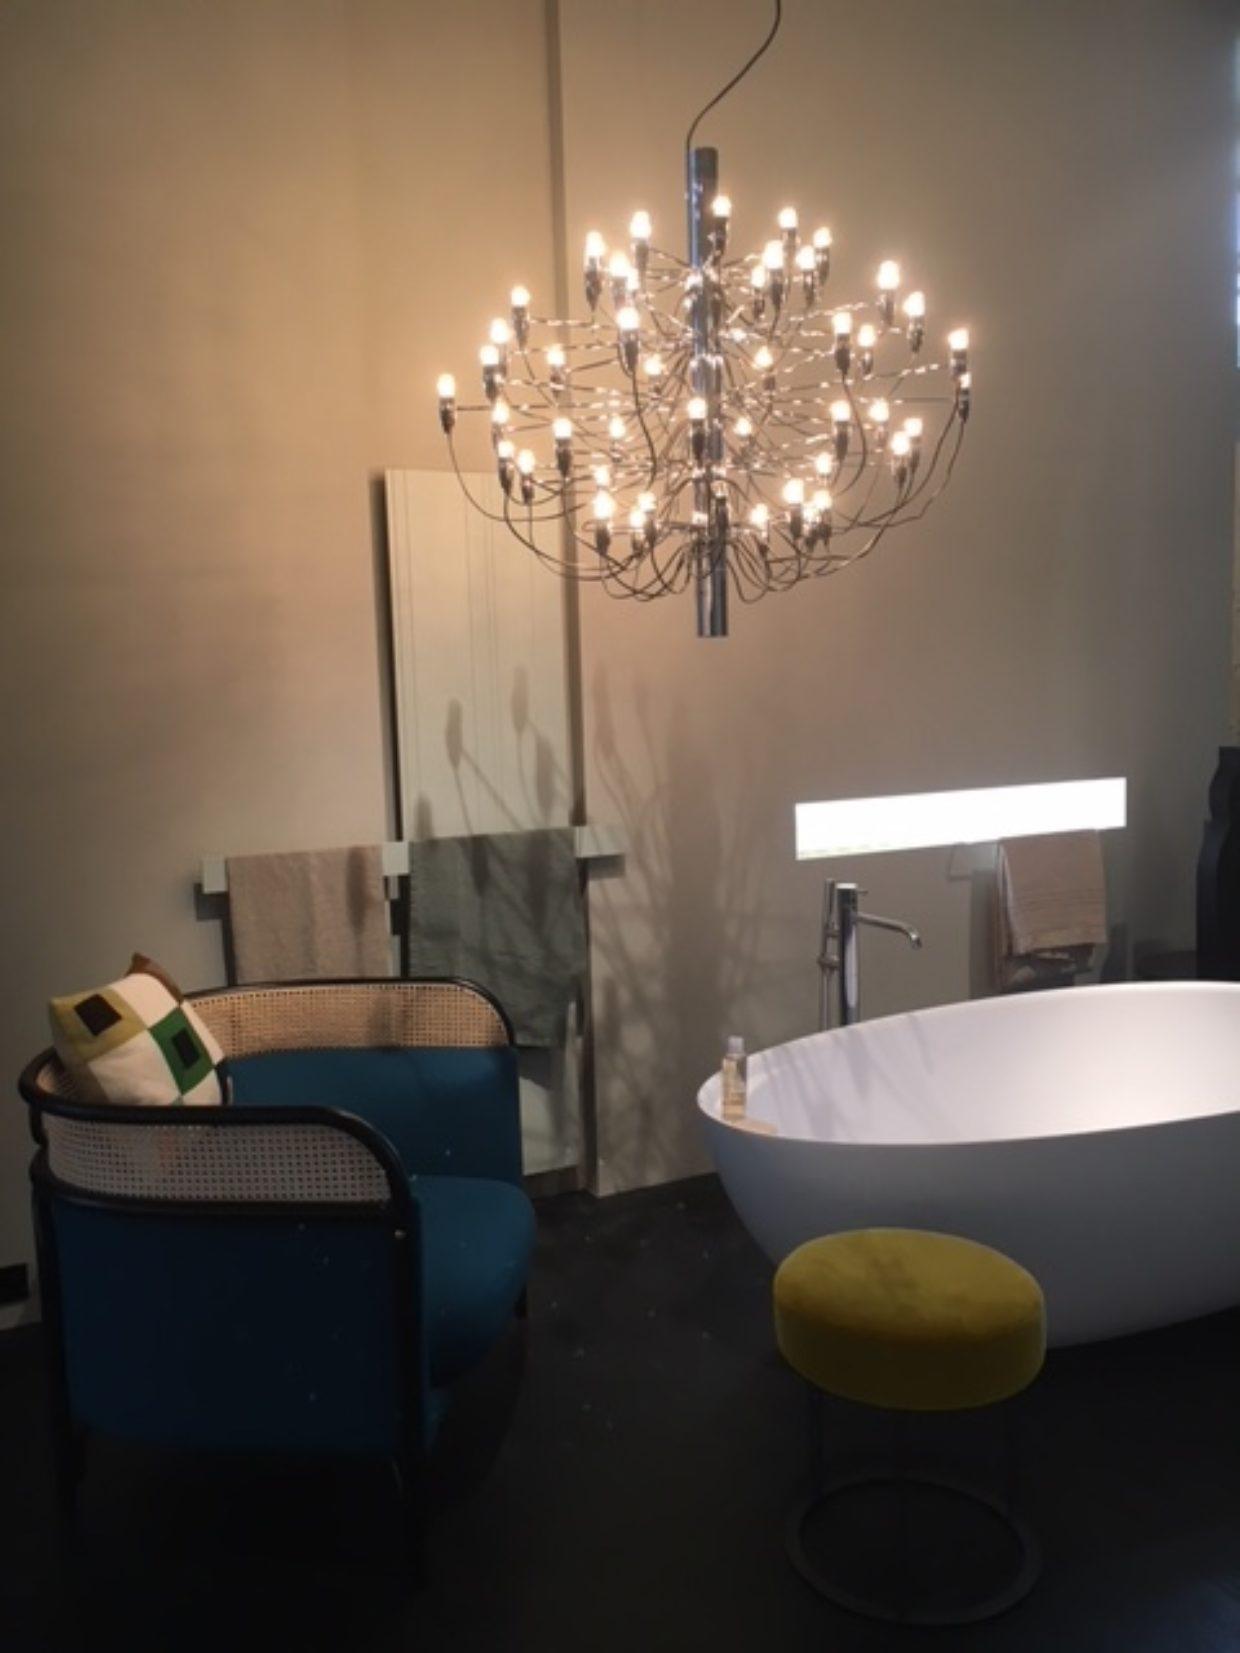 Deco Tendance 2018 Salle De Bain maison & objet 2018 le salon de la déco, du design.